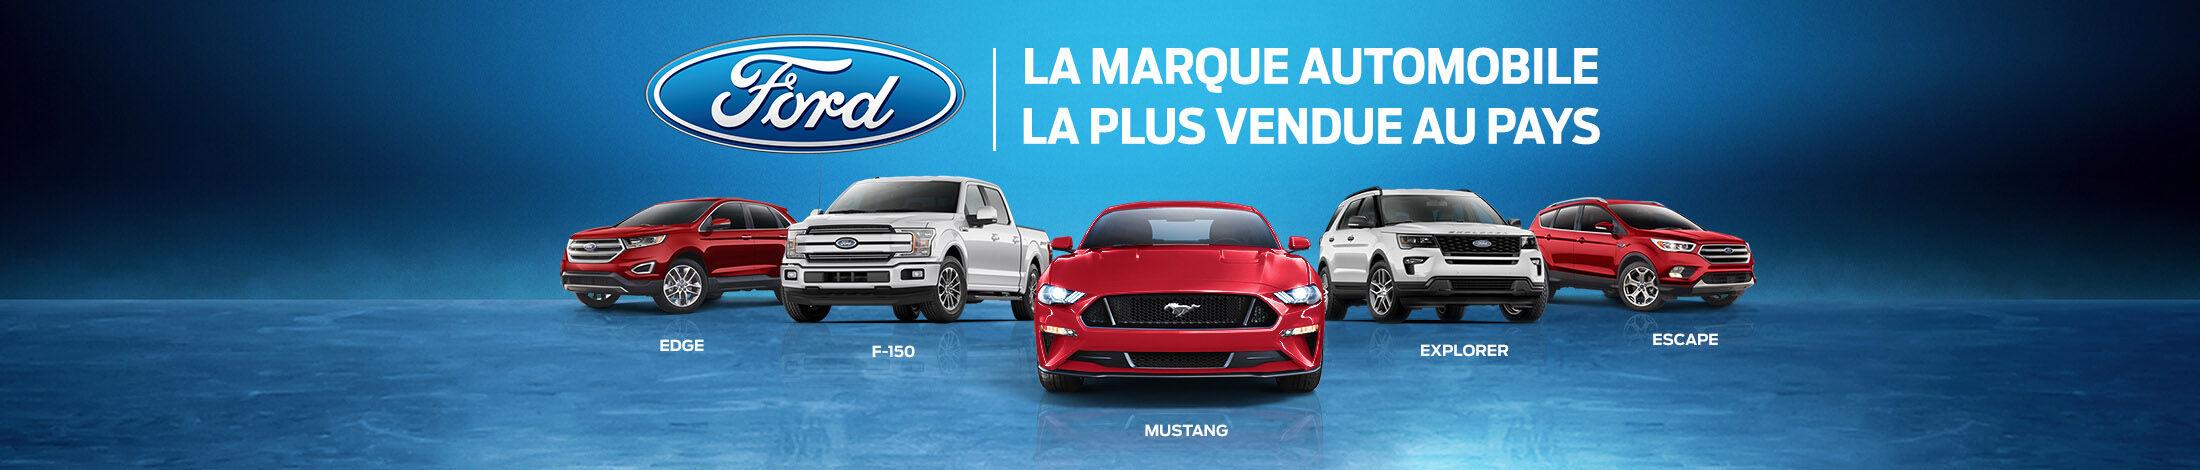 Ford | La marque automobile la plus vendue au pays